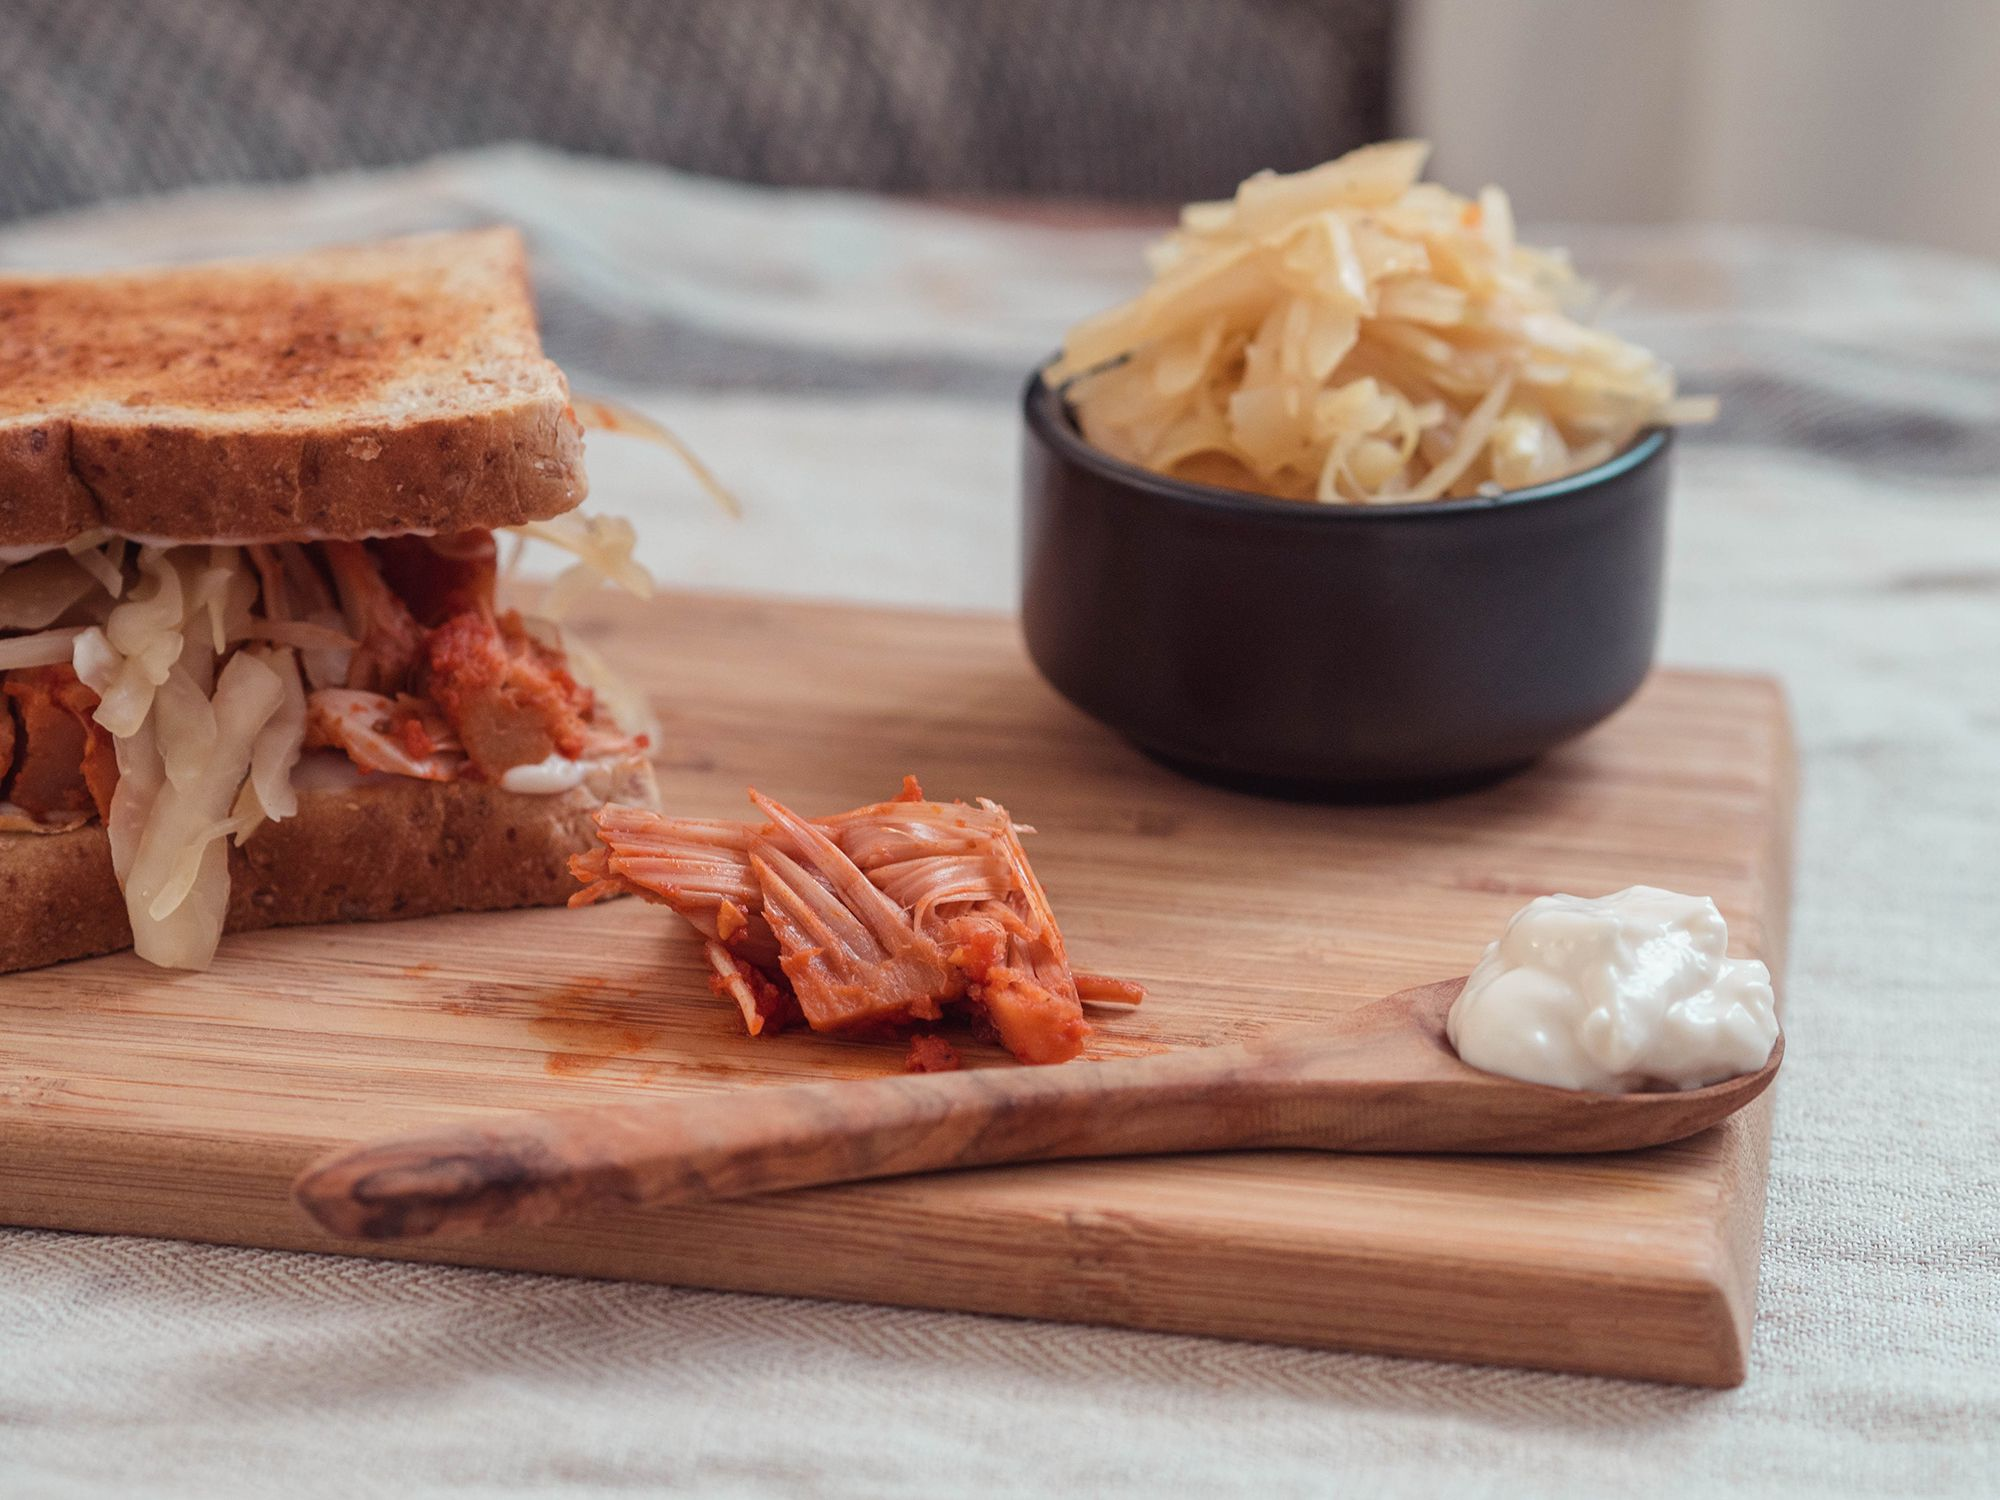 Selbstgemachtes Sauerkraut, Pulled Jackfruit und vegane Mayonnaise zwischen Toastbrot